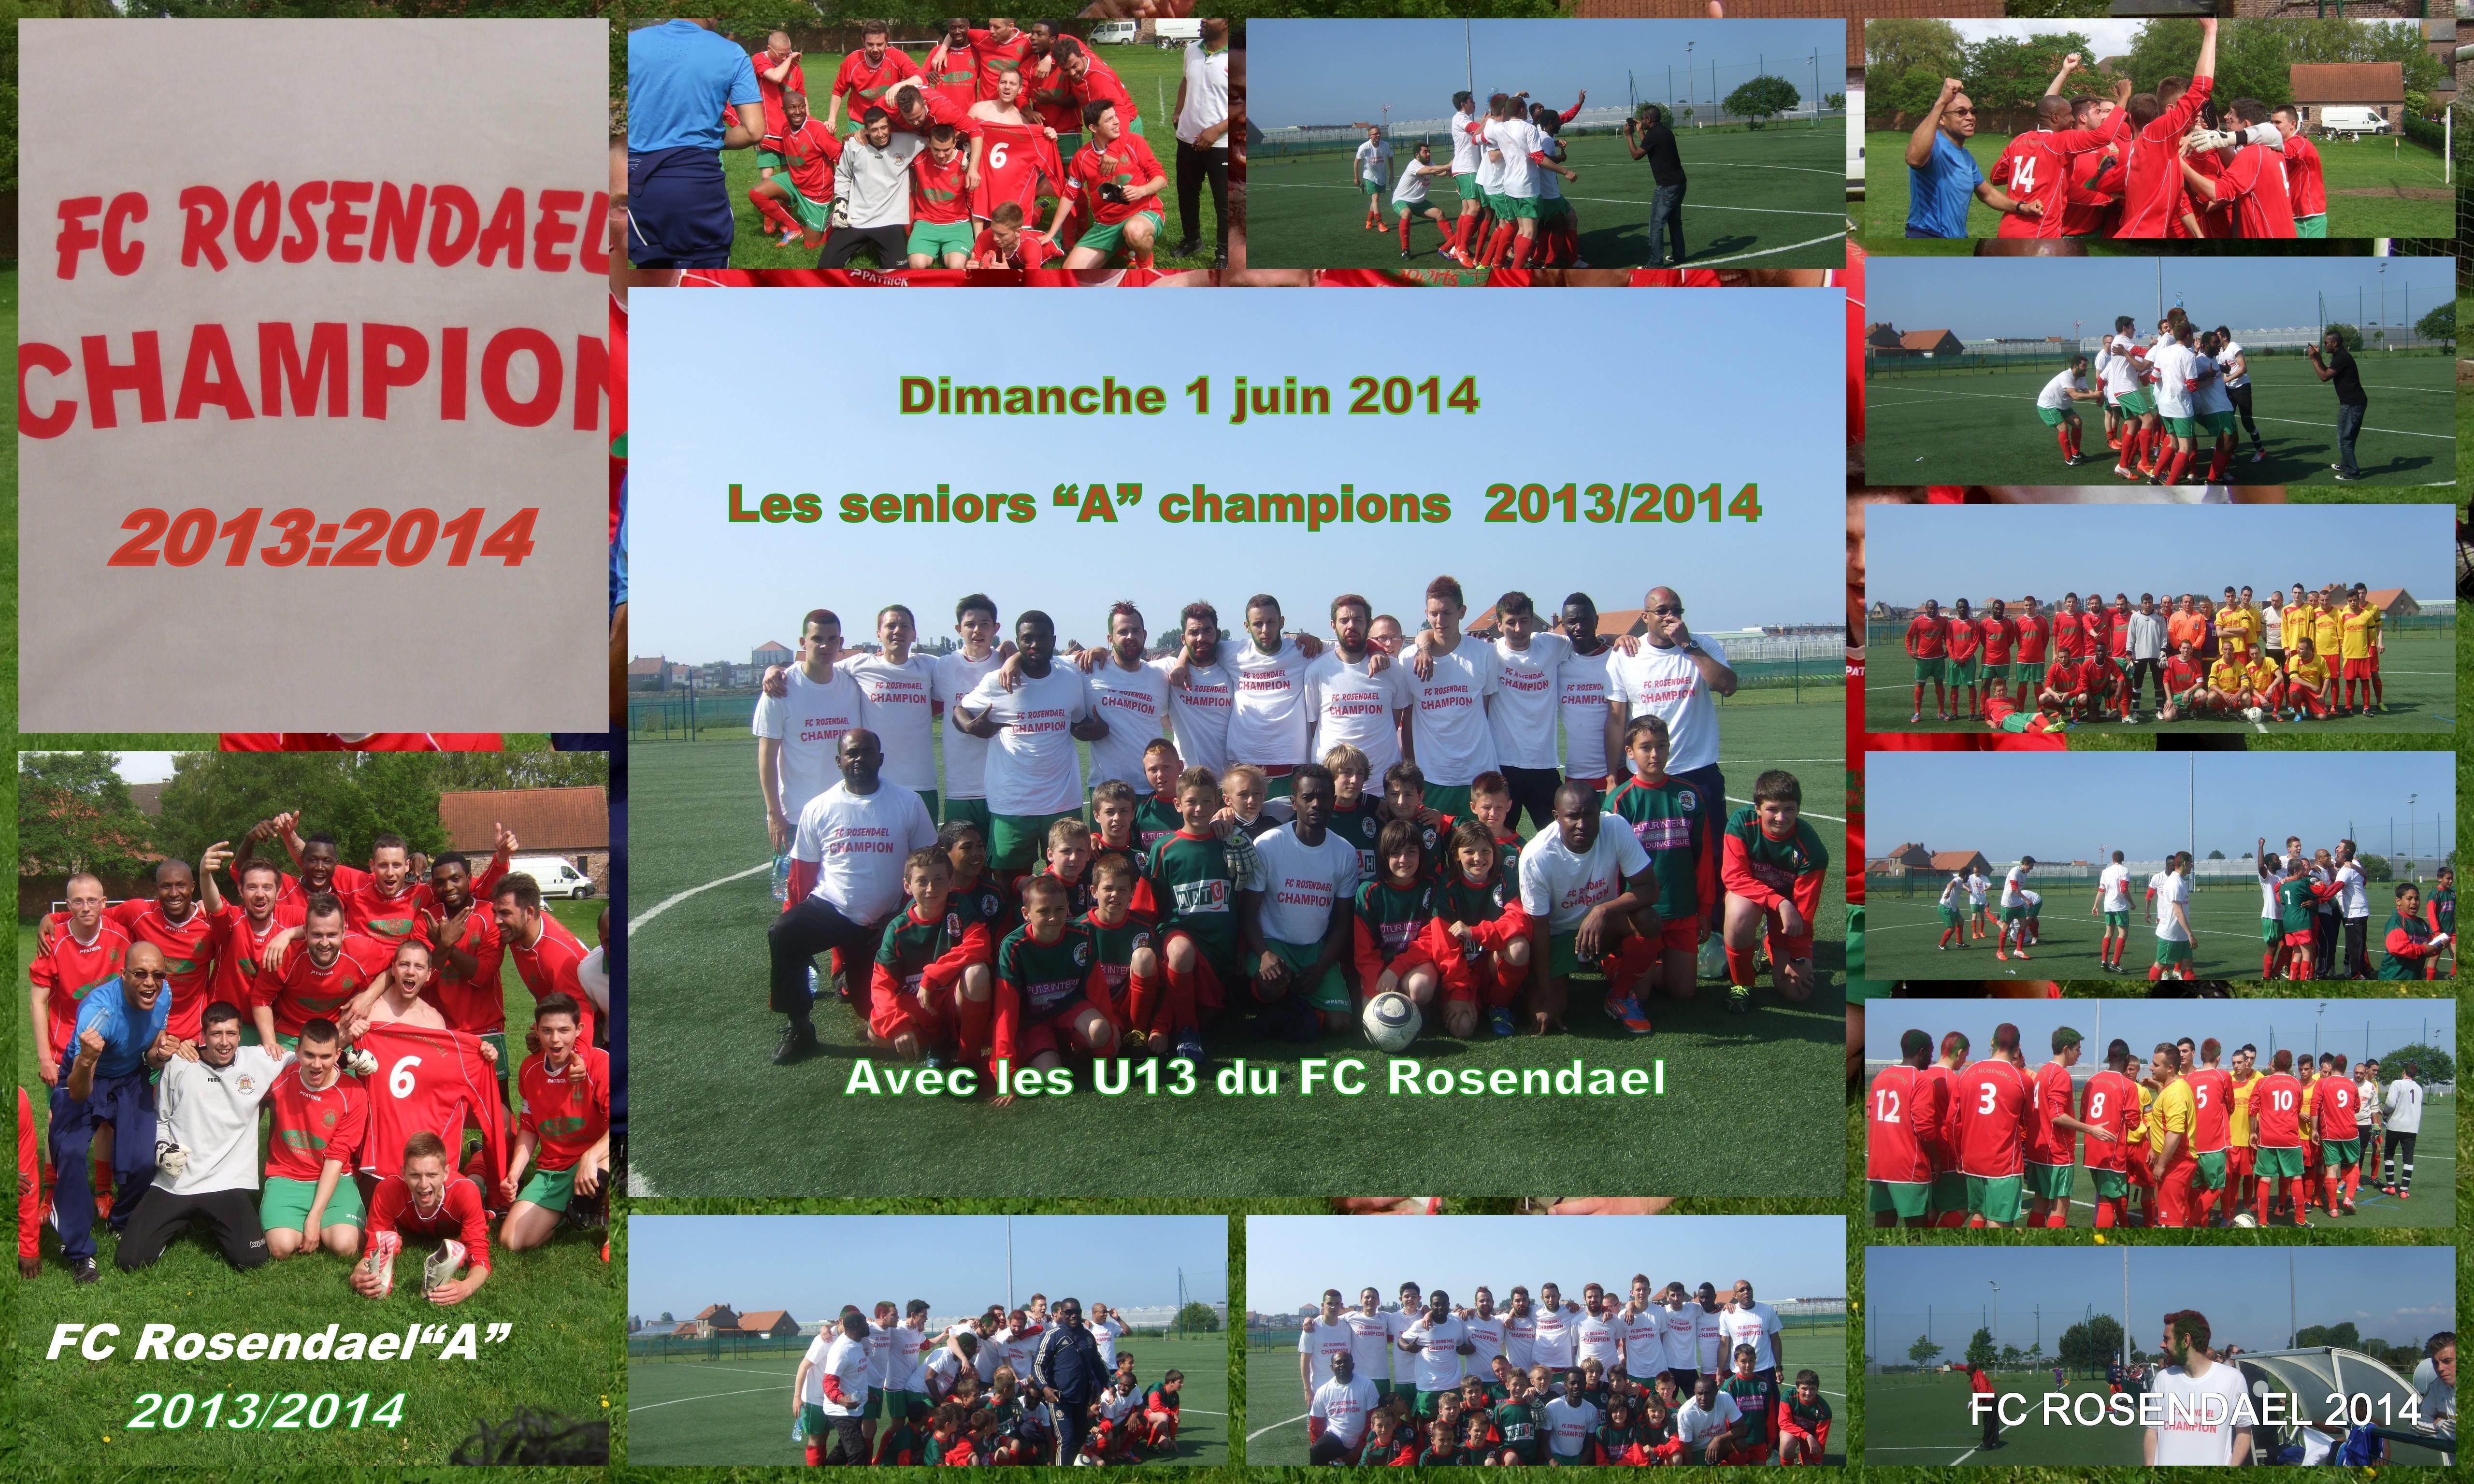 champion 2013/2014